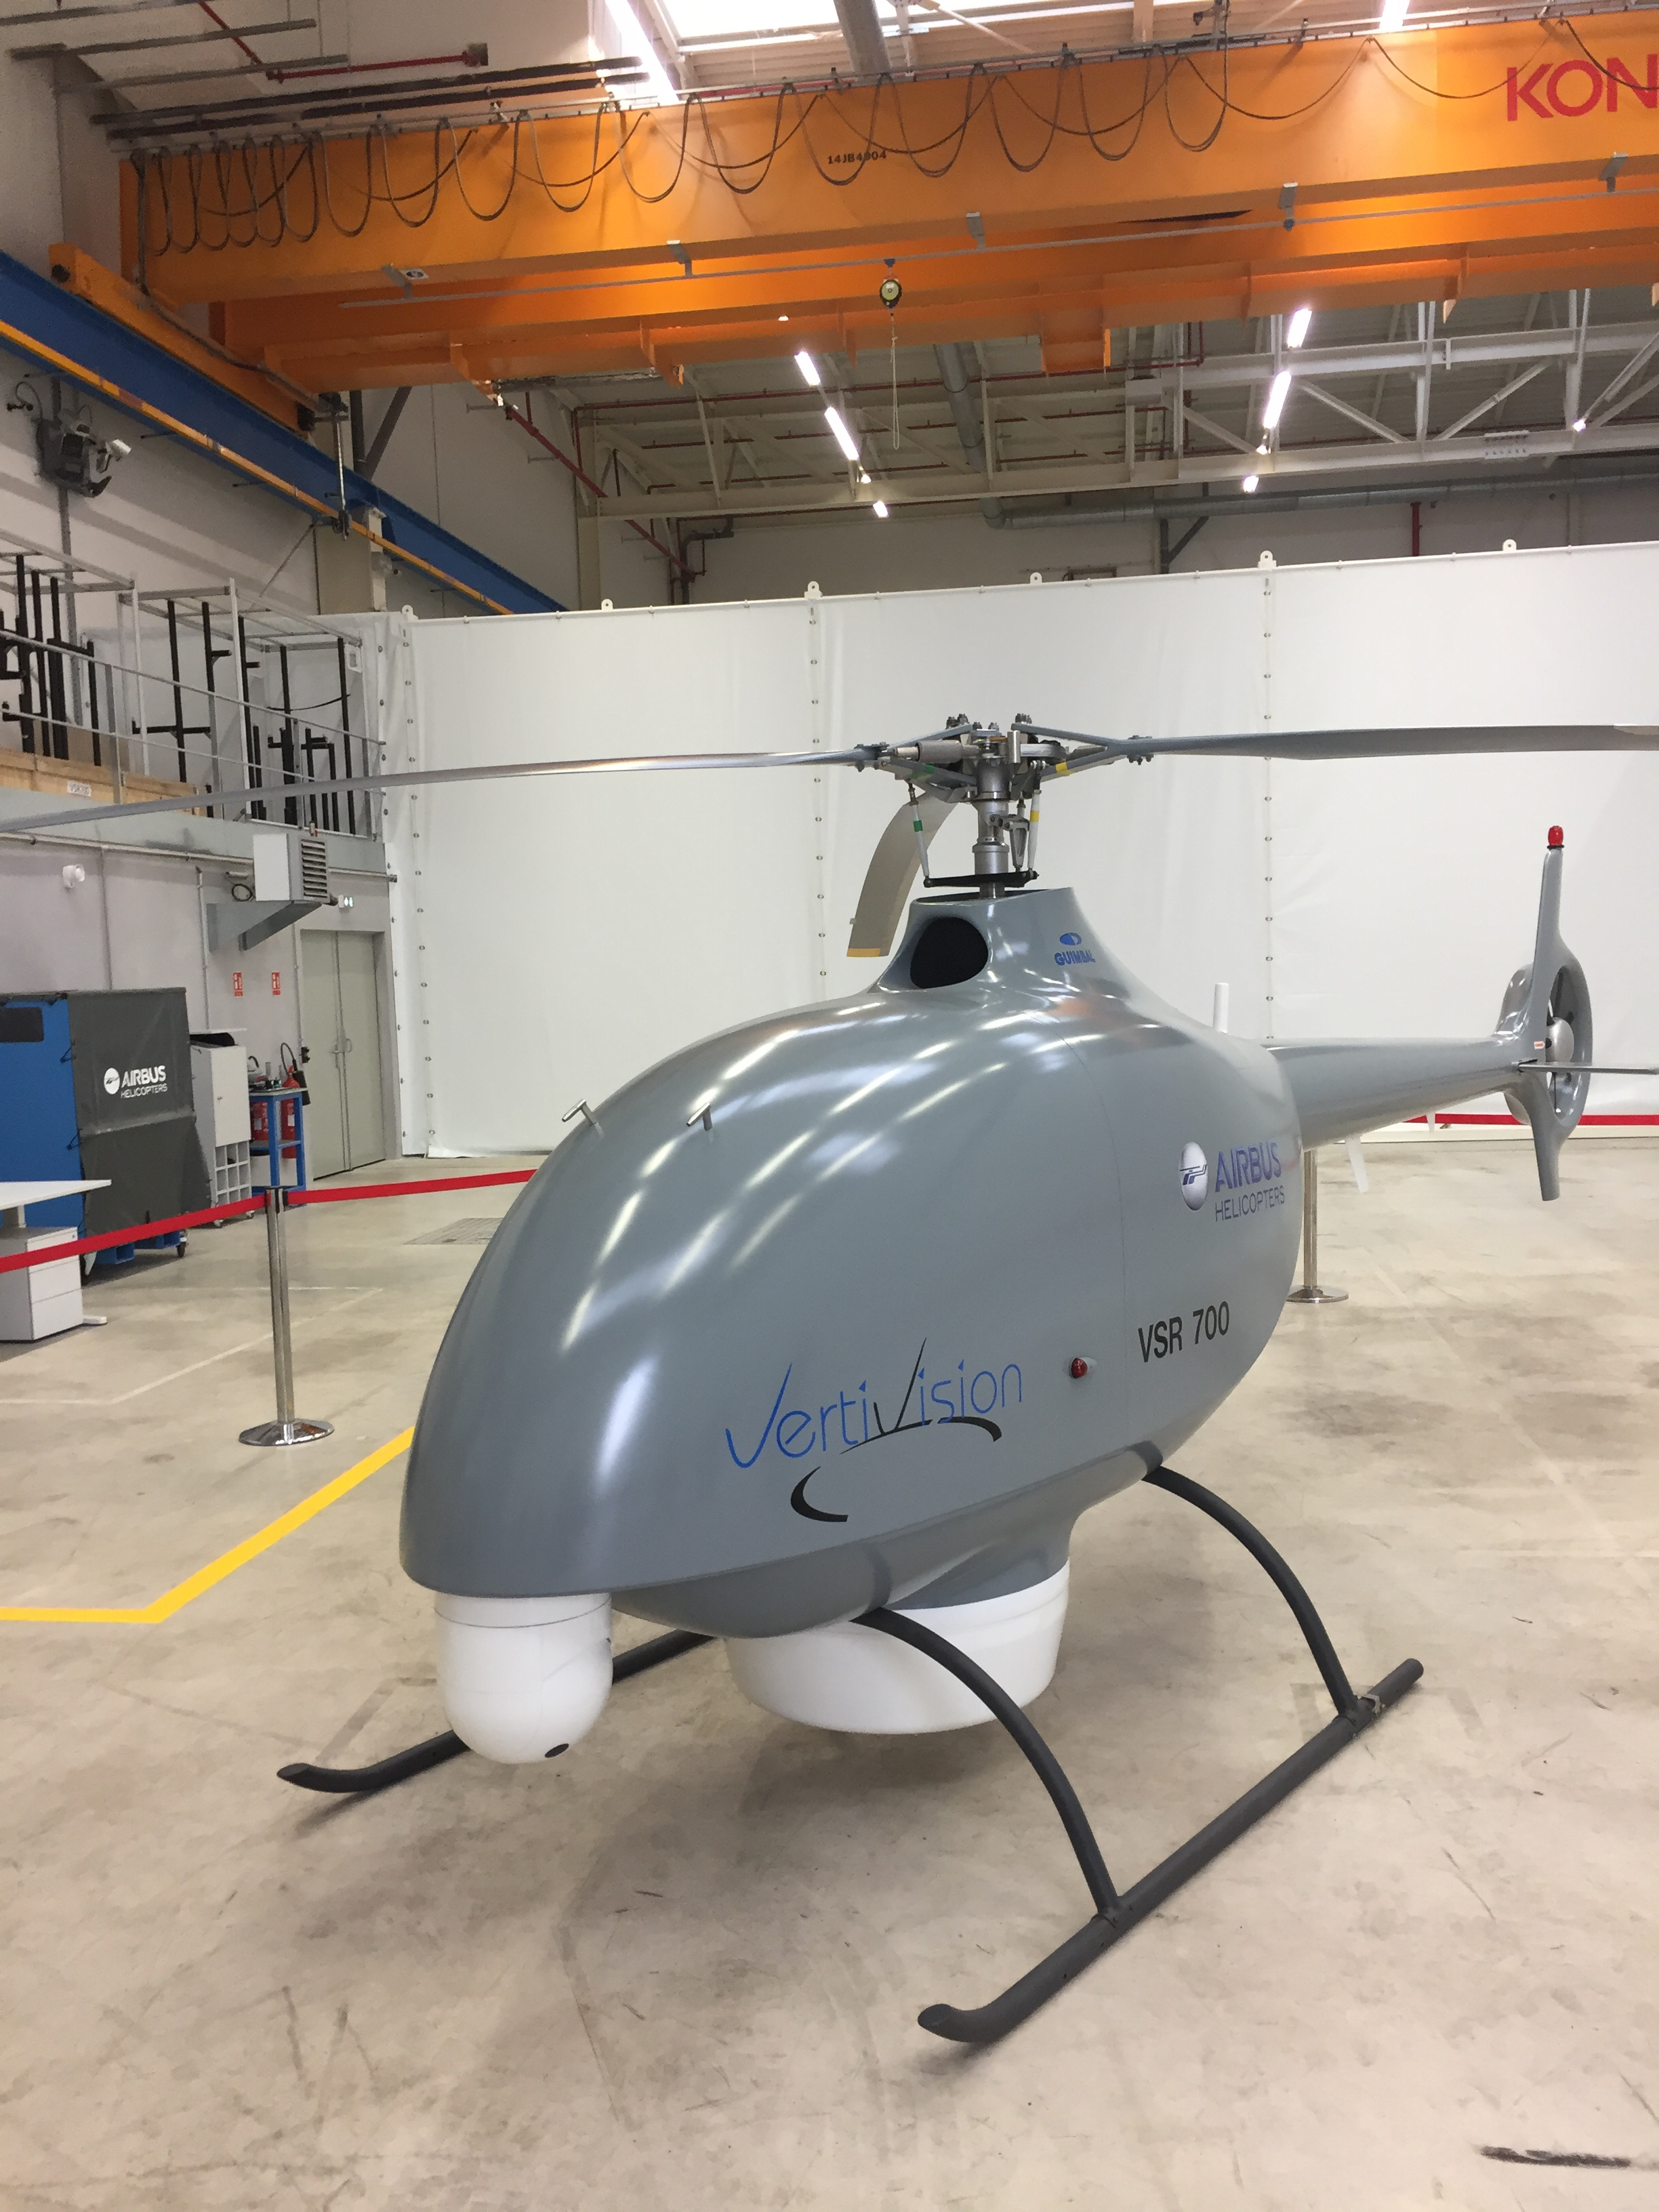 VSR-700